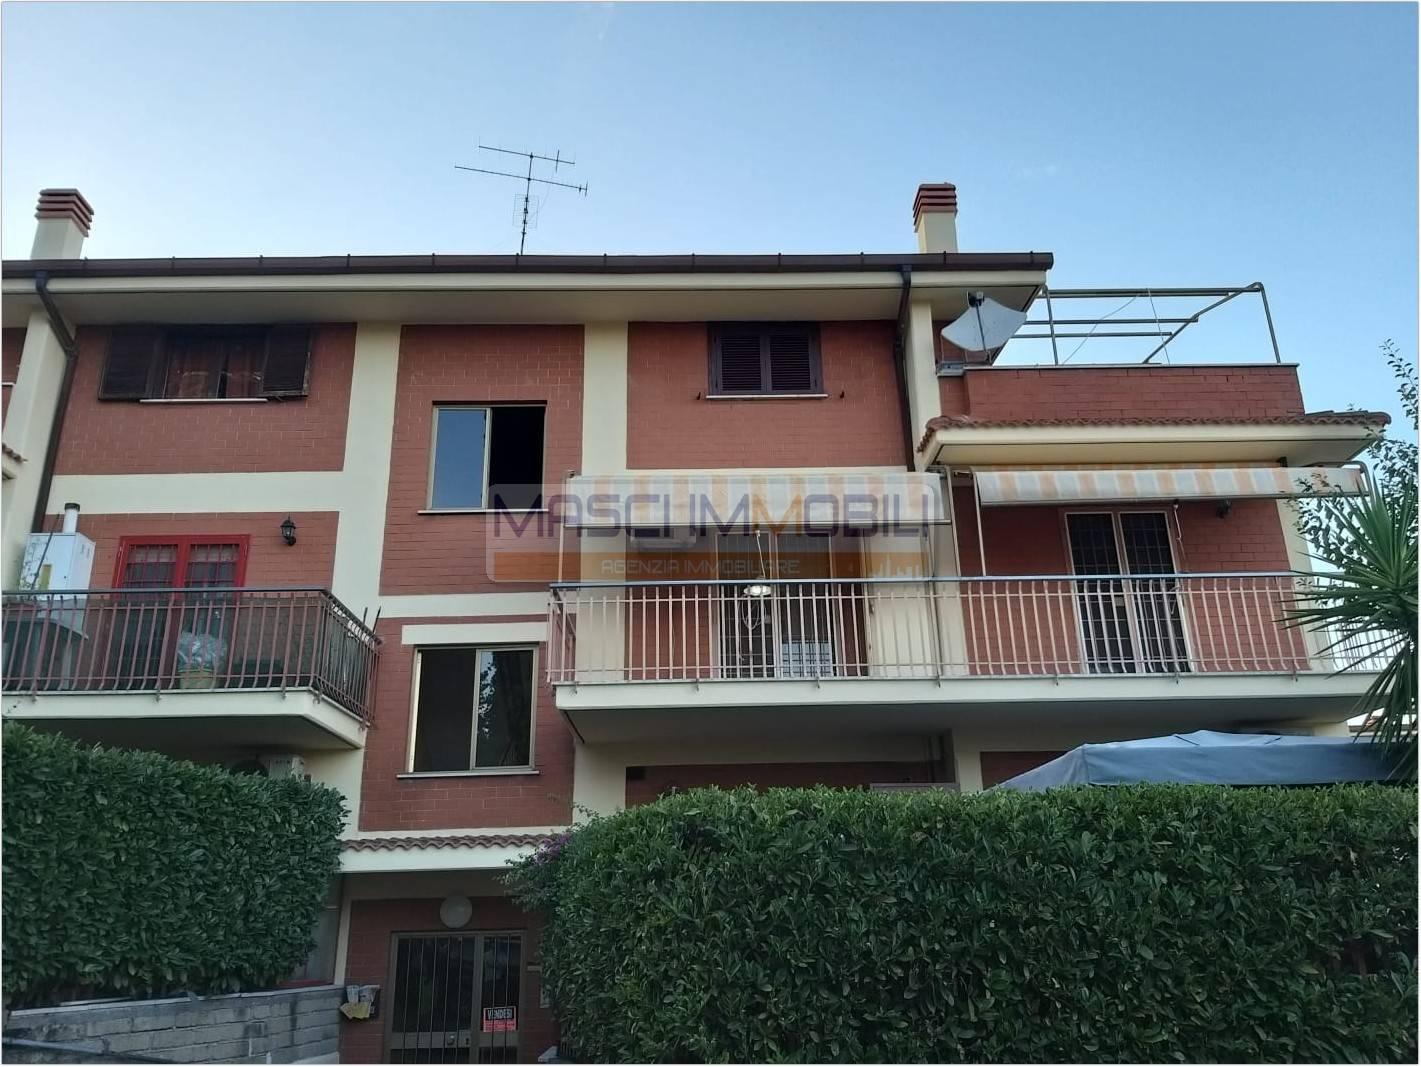 Appartamento in vendita a Fonte Nuova, 3 locali, zona Lupara, prezzo € 125.000 | PortaleAgenzieImmobiliari.it